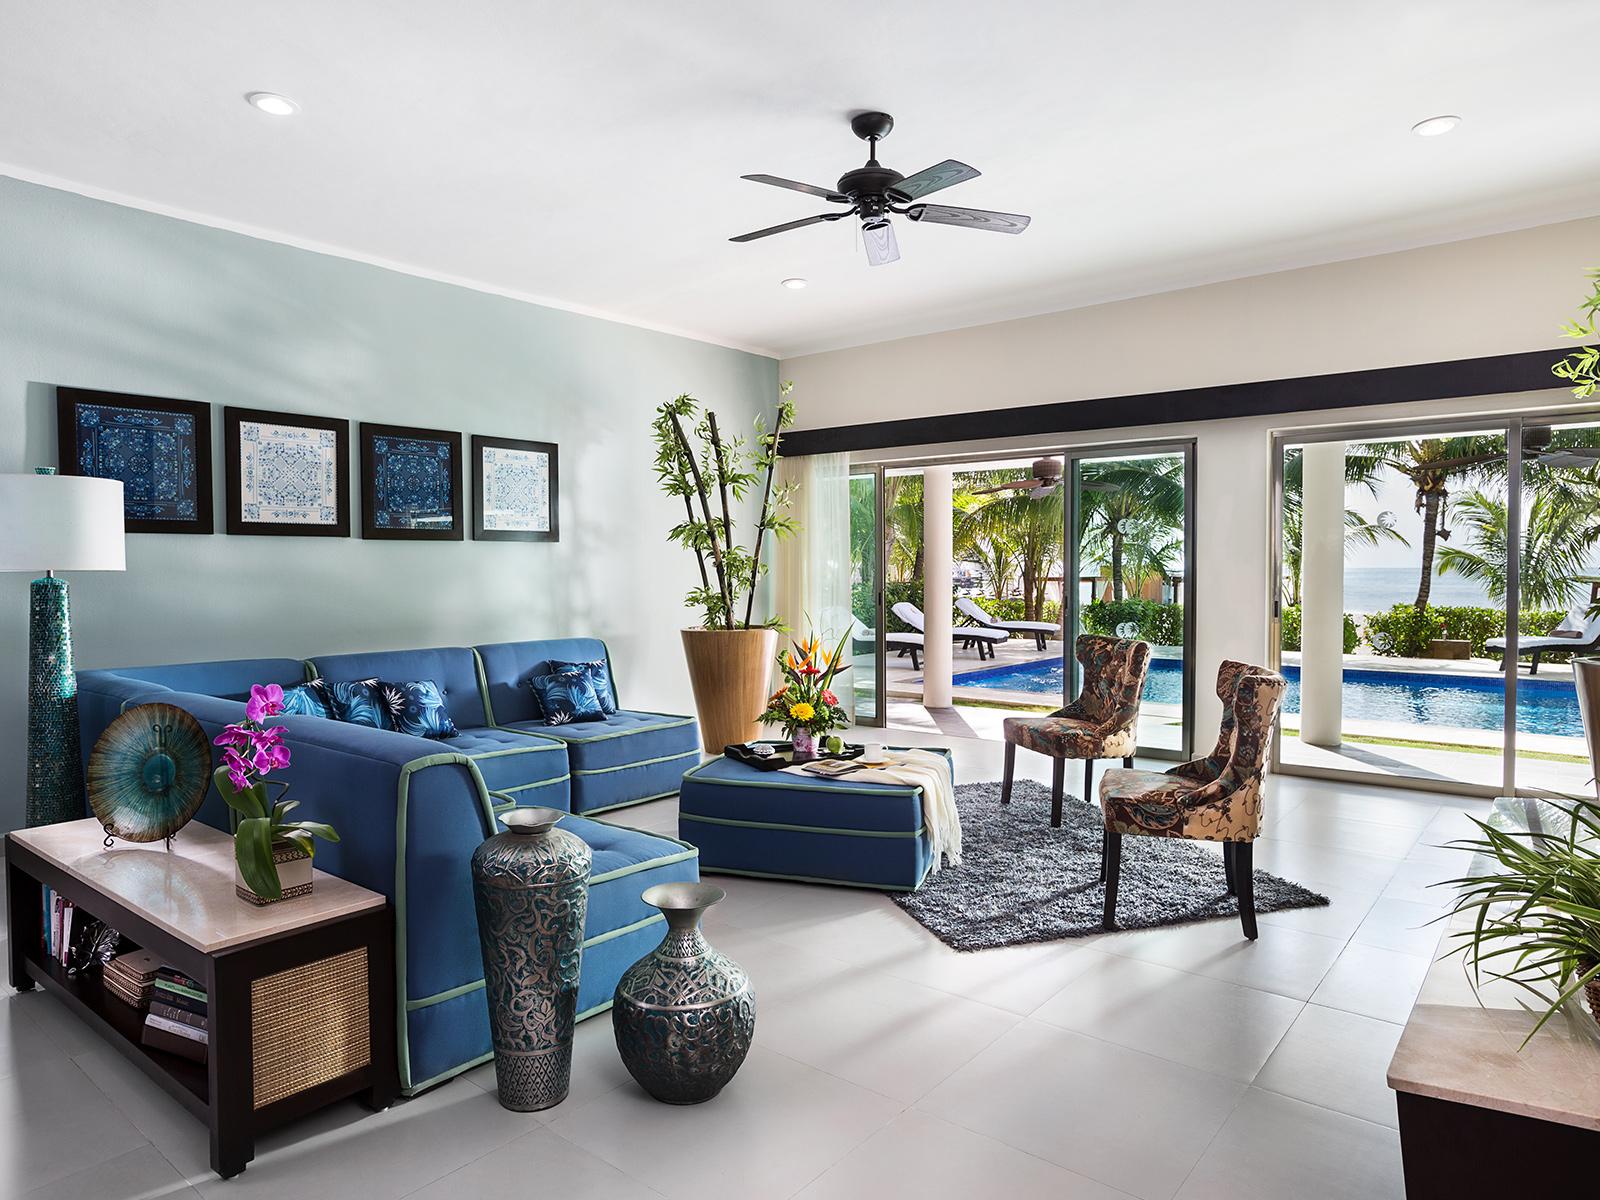 Villa-Maroma-Riviera-Maya-Mexico-Living-Room-01.jpg